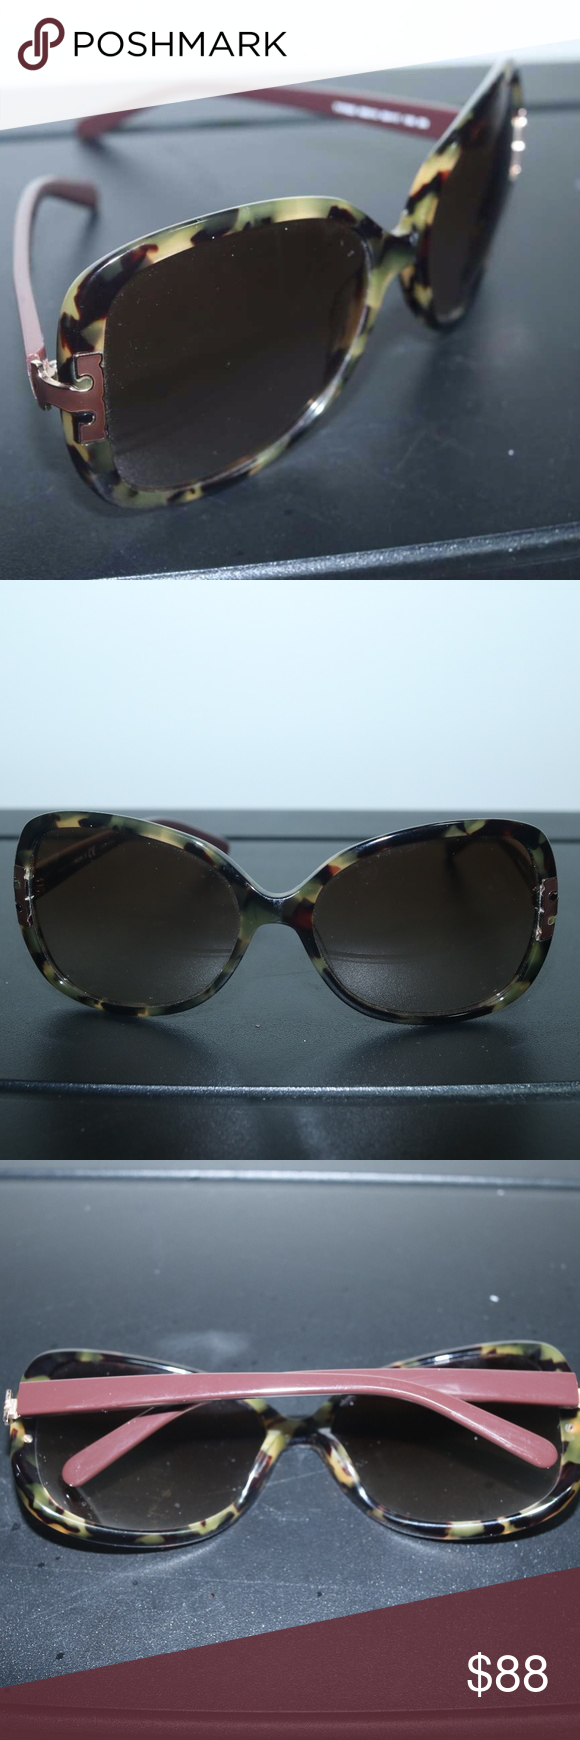 f55f30ea1739 Tory Burch TY7022 Sunglasses